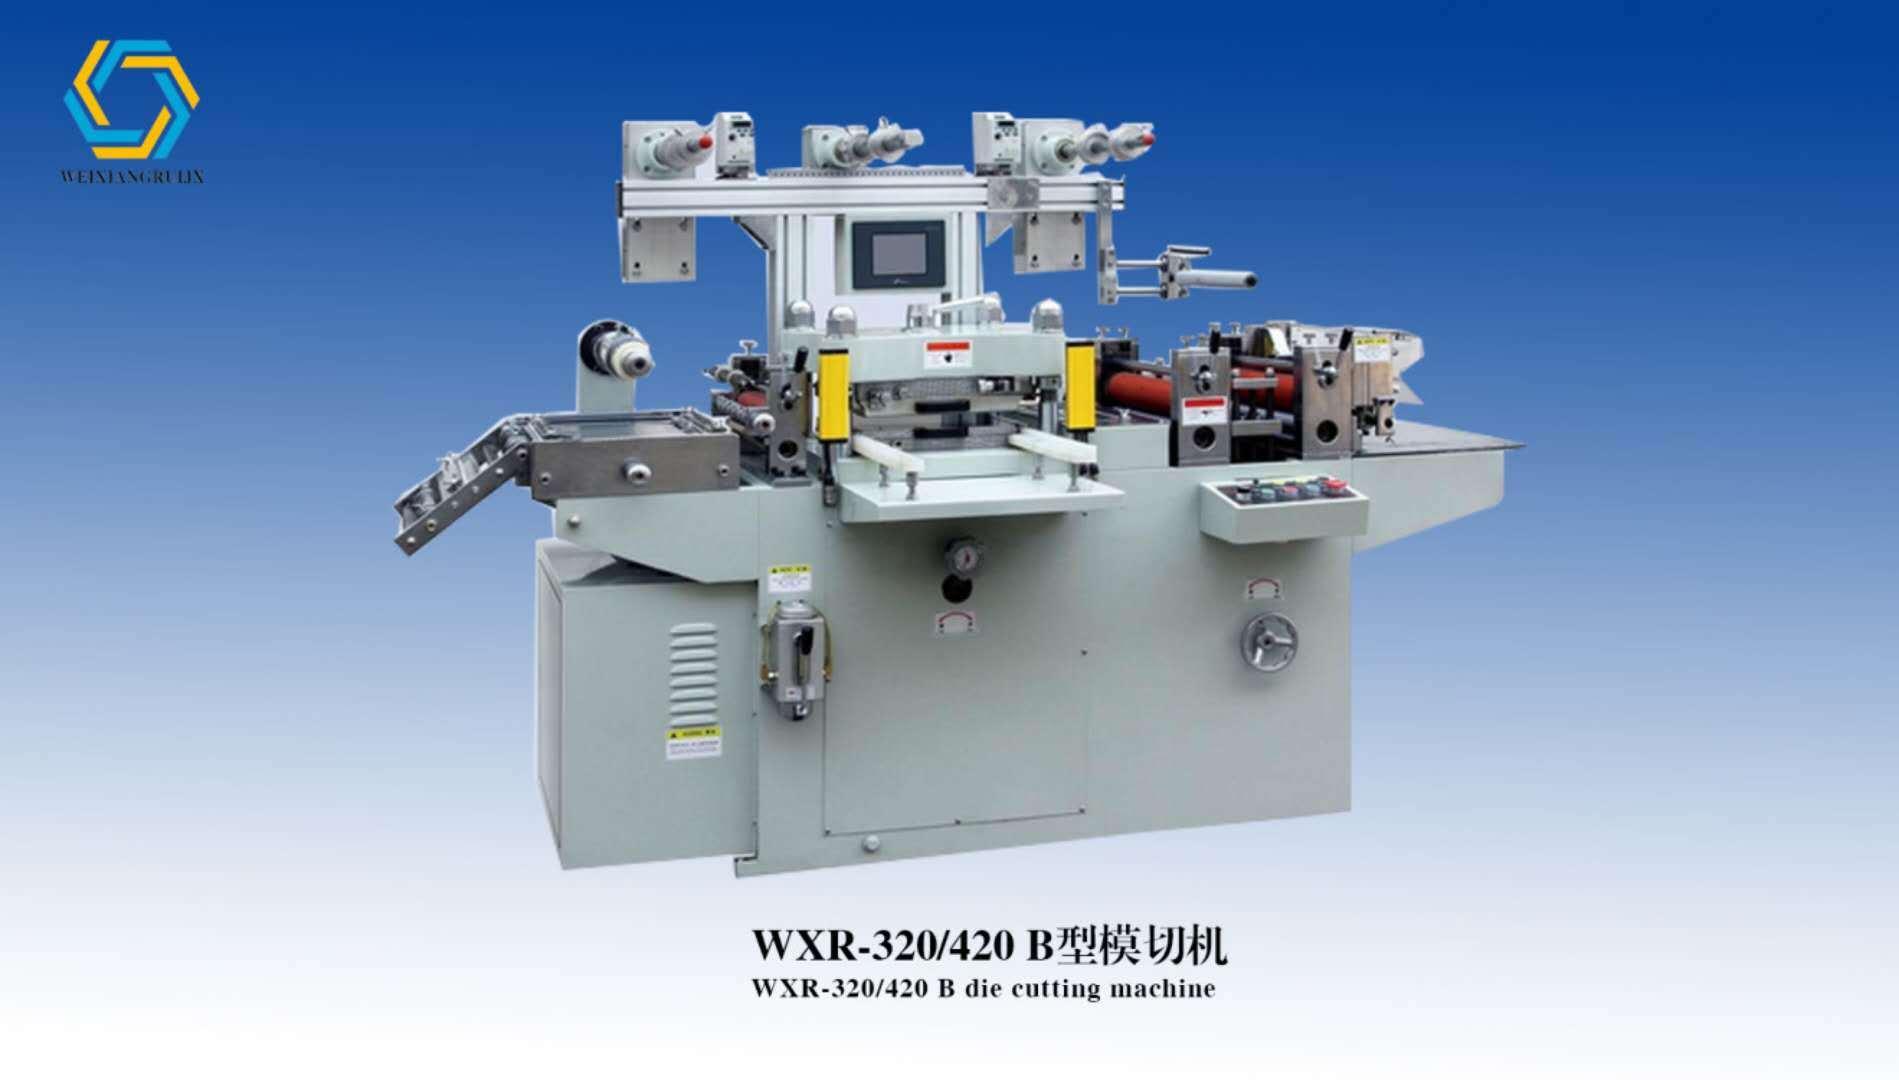 ホイルのフィルムが付いている型抜き機械は320/420を分類する